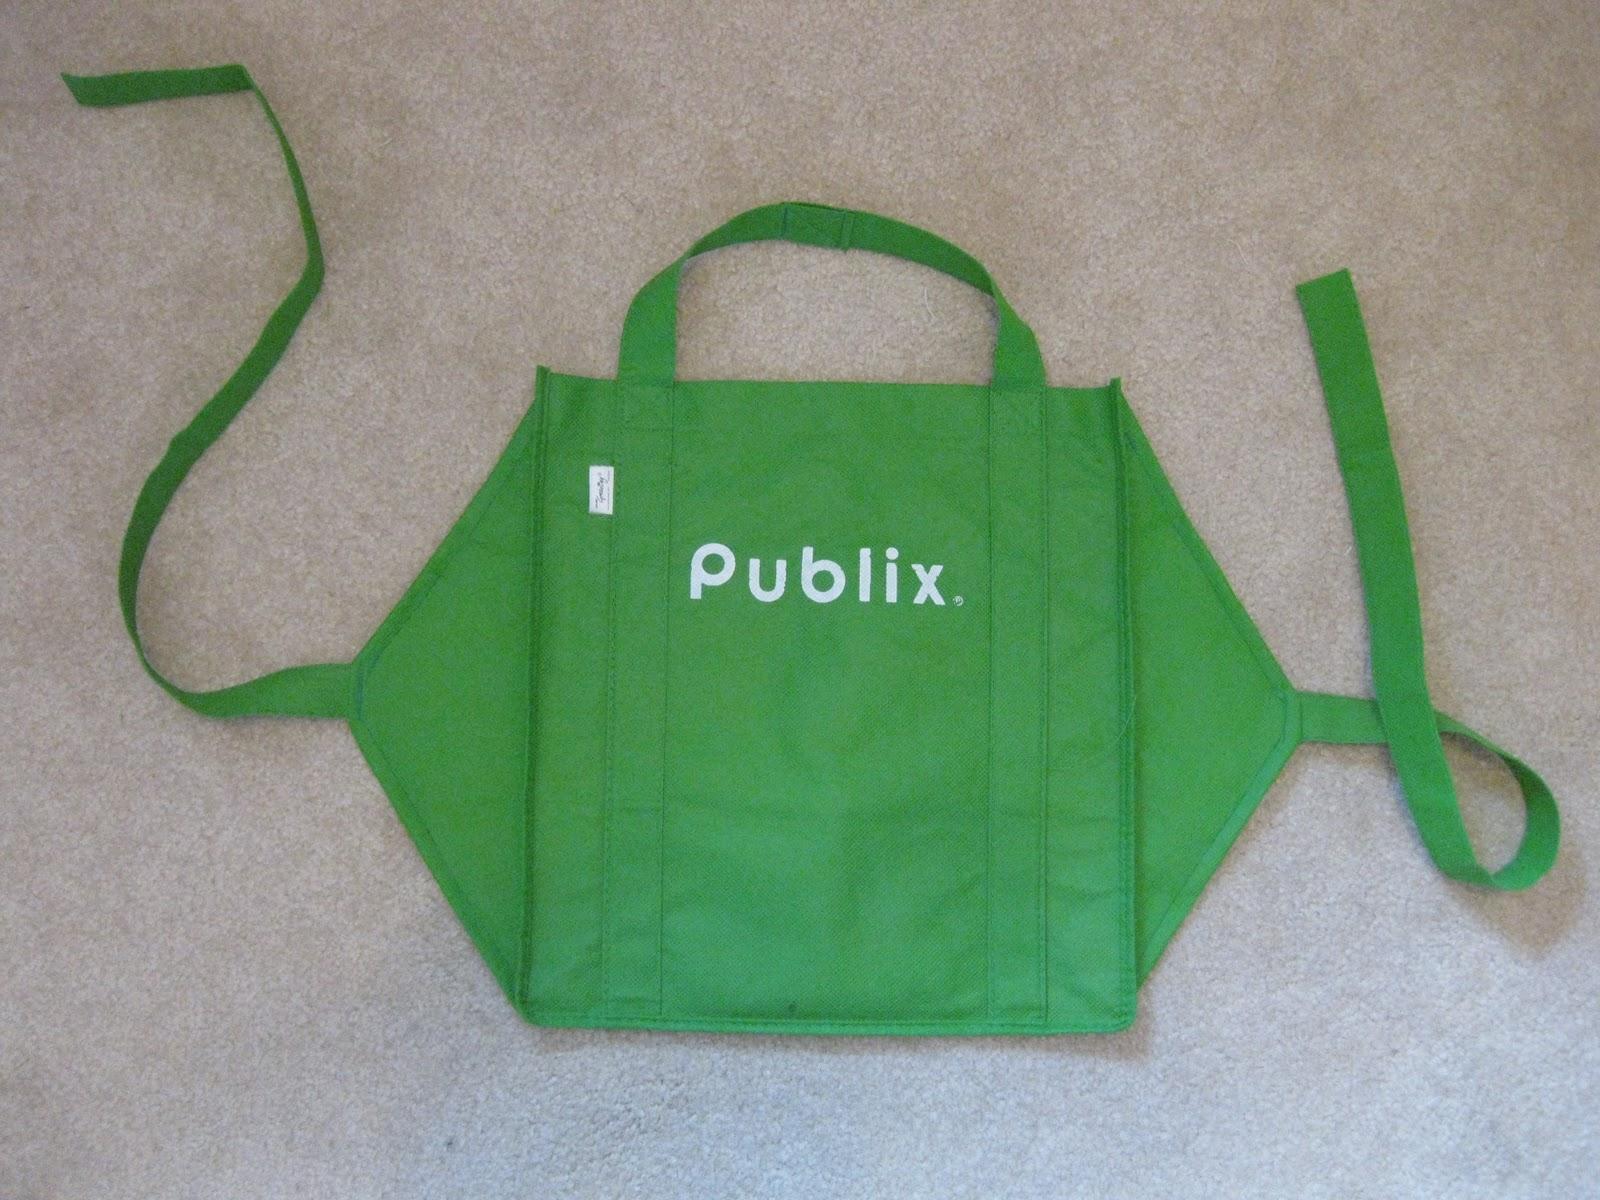 Blue apron publix - Publix